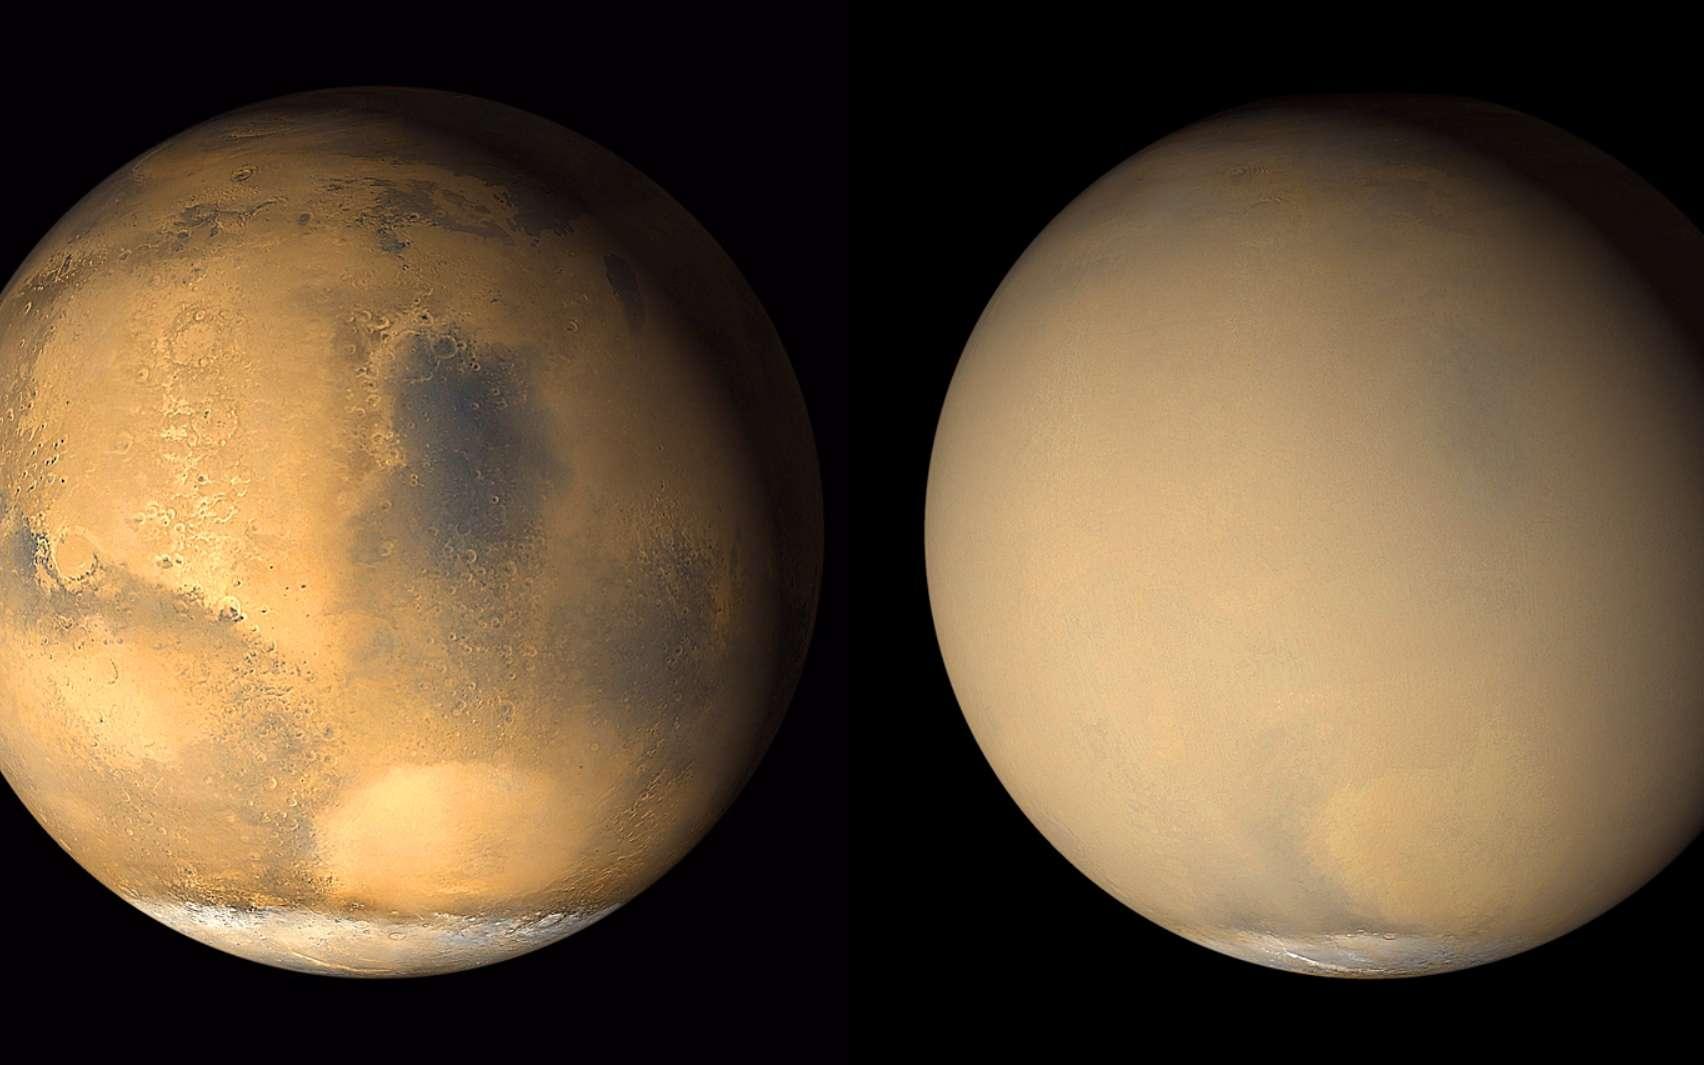 Deux images prises en 2001 par Mars Global Surveyor montrent un changement dramatique dans l'apparence de la Planète rouge lorsqu'une tempête de poussière initiée dans l'hémisphère sud de Mars est devenue planétaire. À gauche, une image à partir de fin juin 2001 révèle des conditions claires sur une grande partie de la planète, avec une tempête de poussière se produisant dans le bassin Hellas (lumineux caractéristique ovale) près du bord de la calotte polaire sud. À droite, une image en juillet 2001 montre la planète presque complètement enveloppée par la tempête de poussière qui s'étend à des altitudes de plus de 60 kilomètres. © Nasa